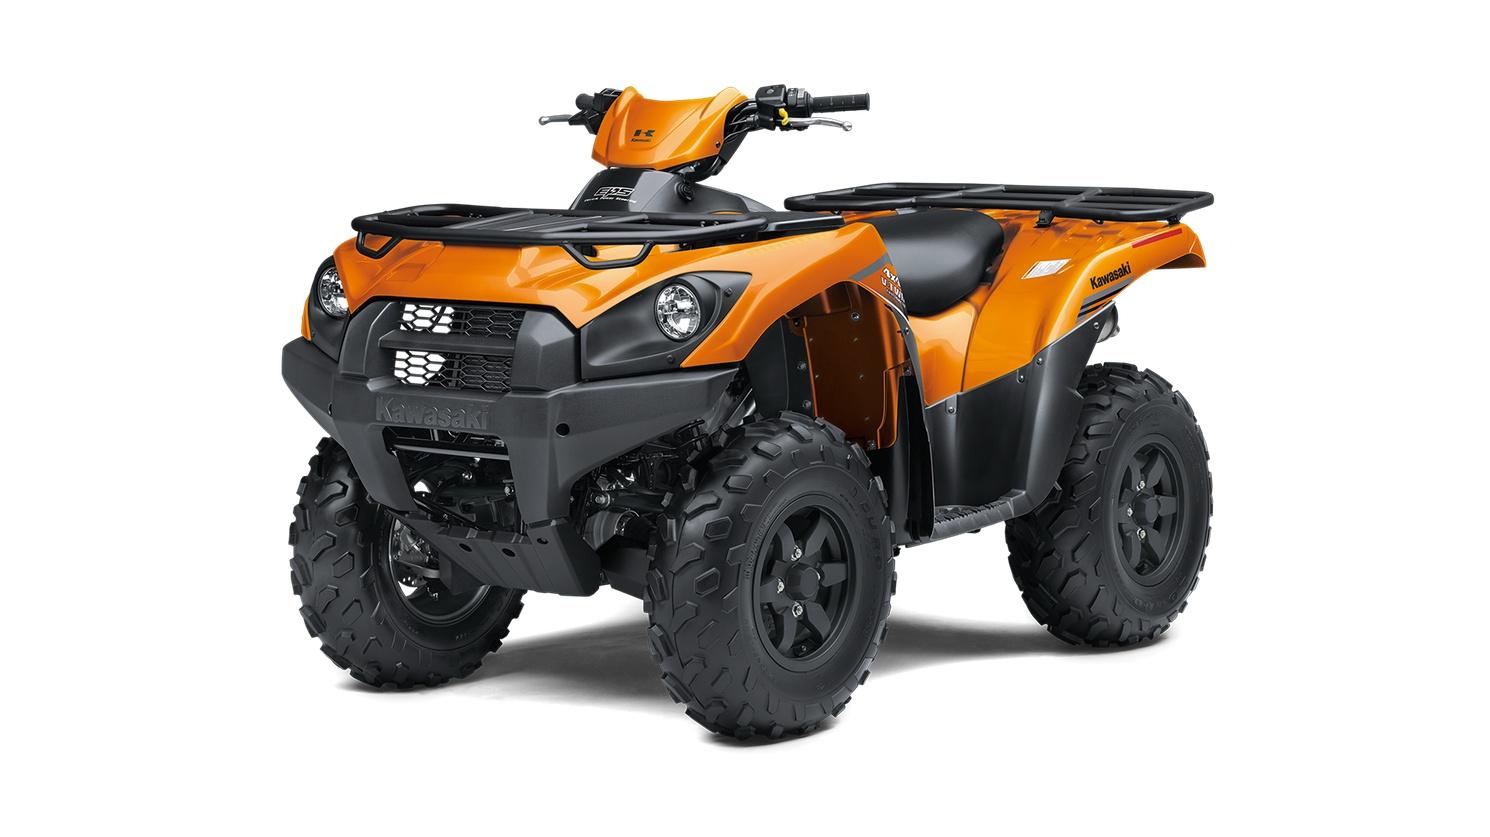 2020 Kawasaki BRUTE FORCE 750 4x4i EPS Candy Steel Furnace Orange